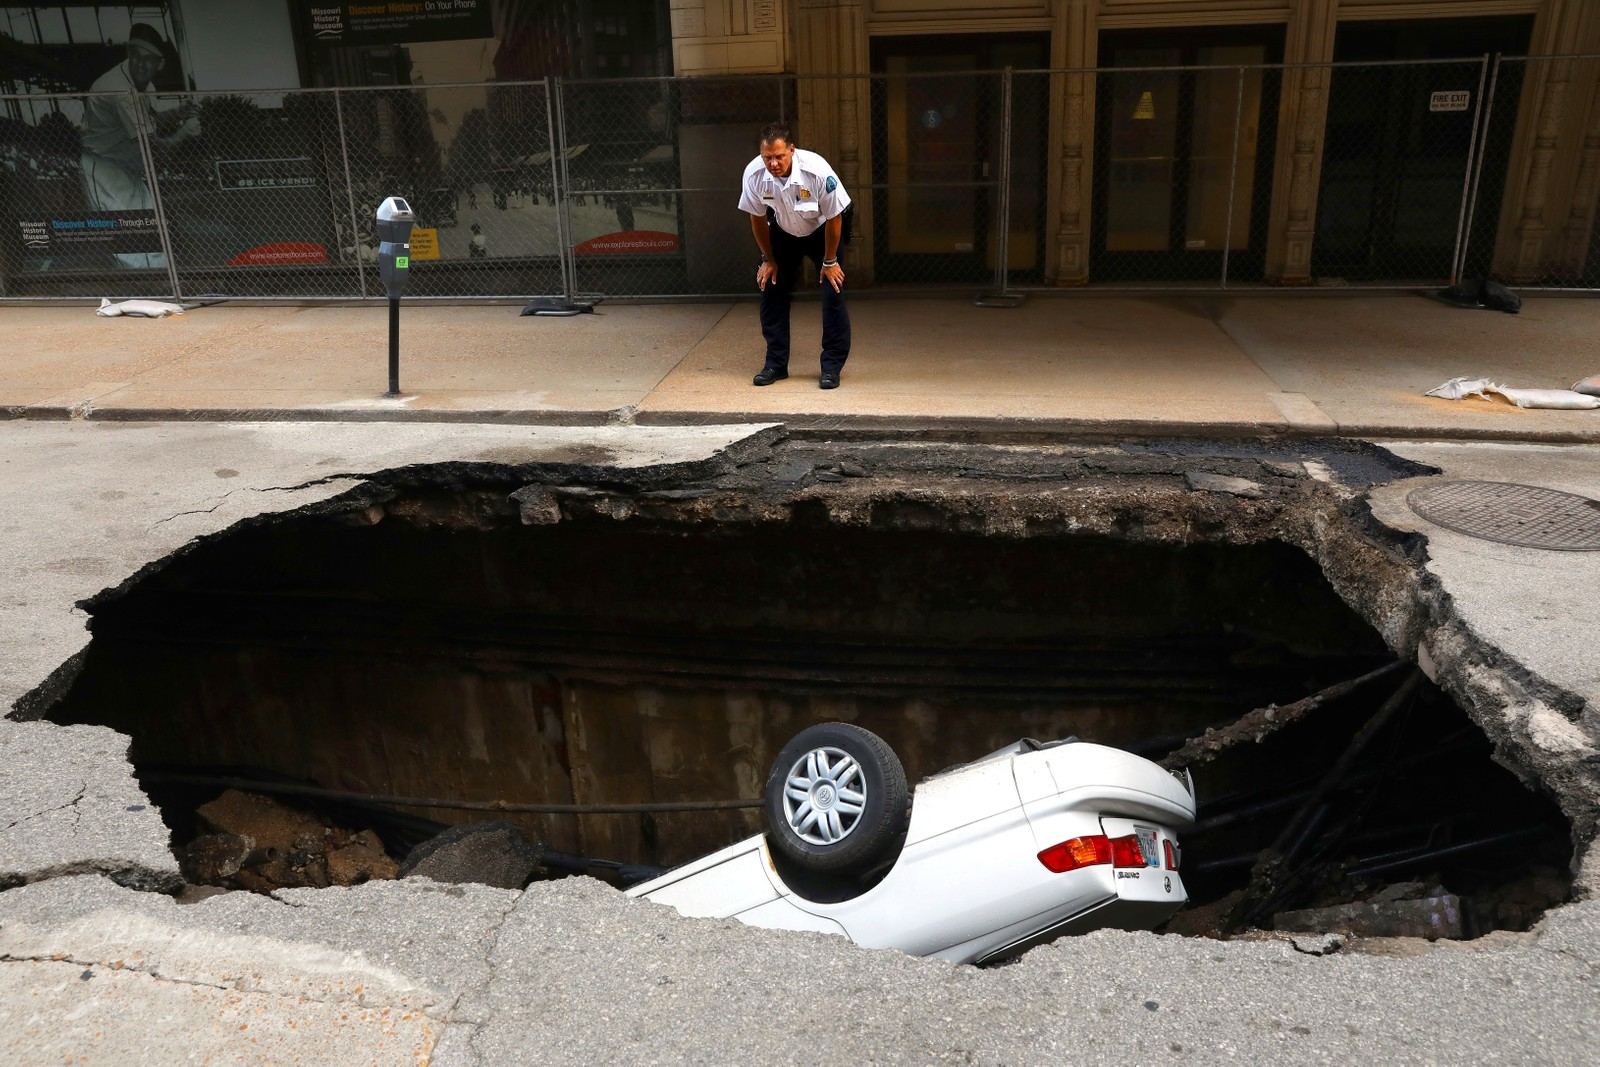 Jada... De fleste har vel en eller annen gang ønsket at de kunne synke i jorden. Det er ukjent hvordan dette synkehullet i St Louis i USA oppstod.